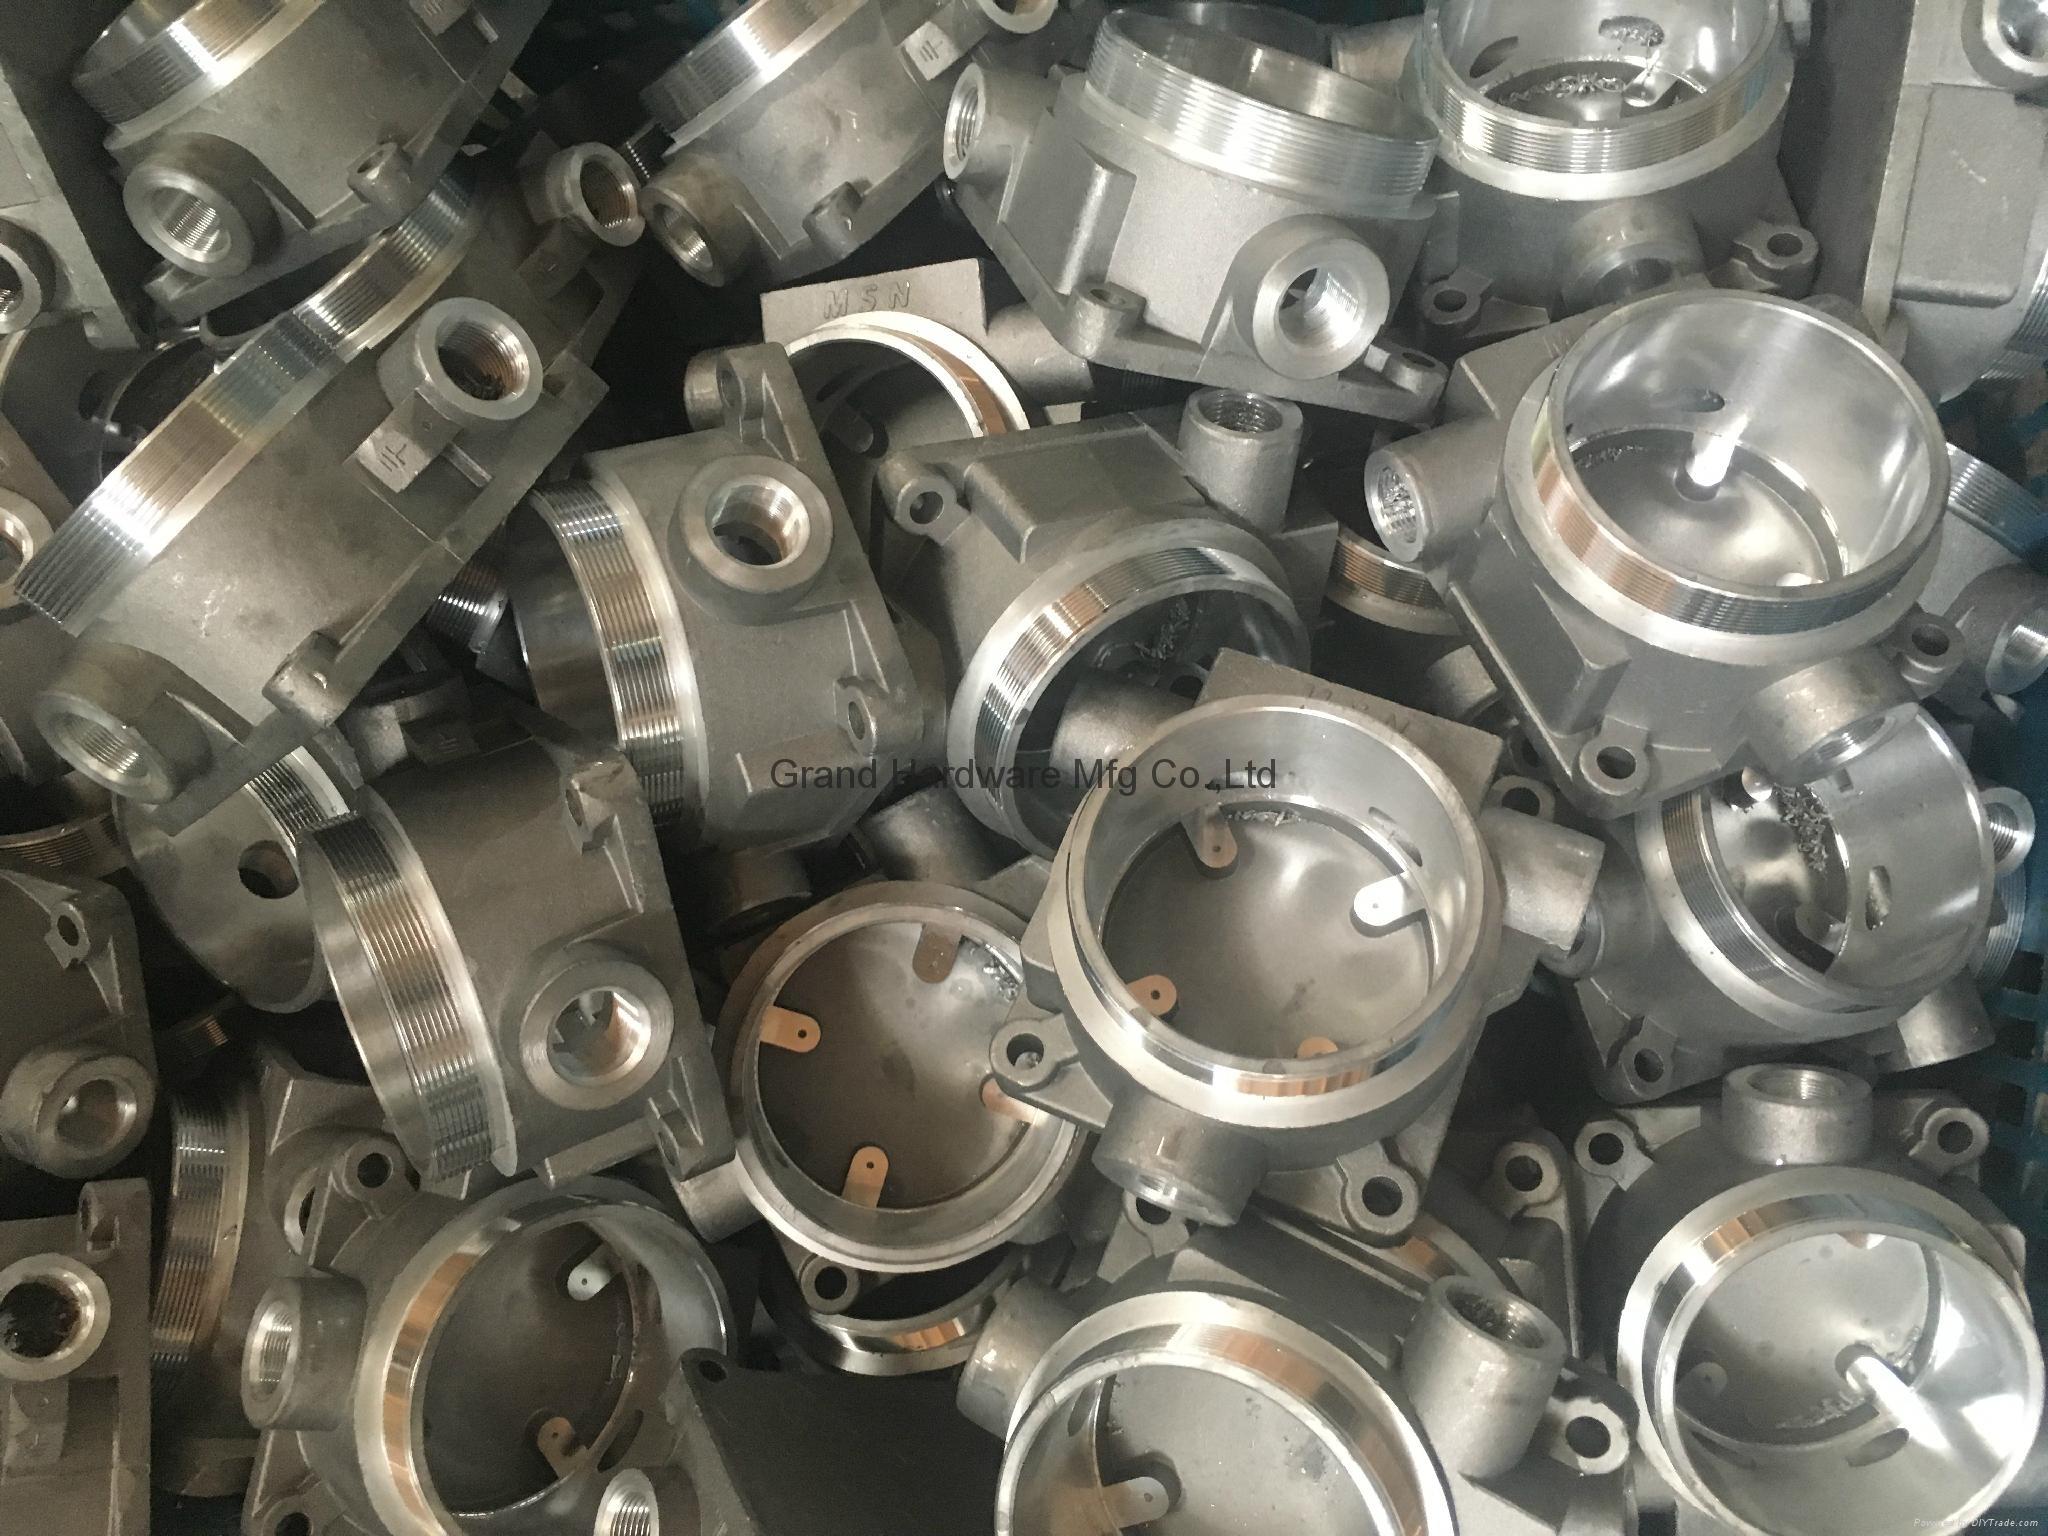 Aluminum casting body